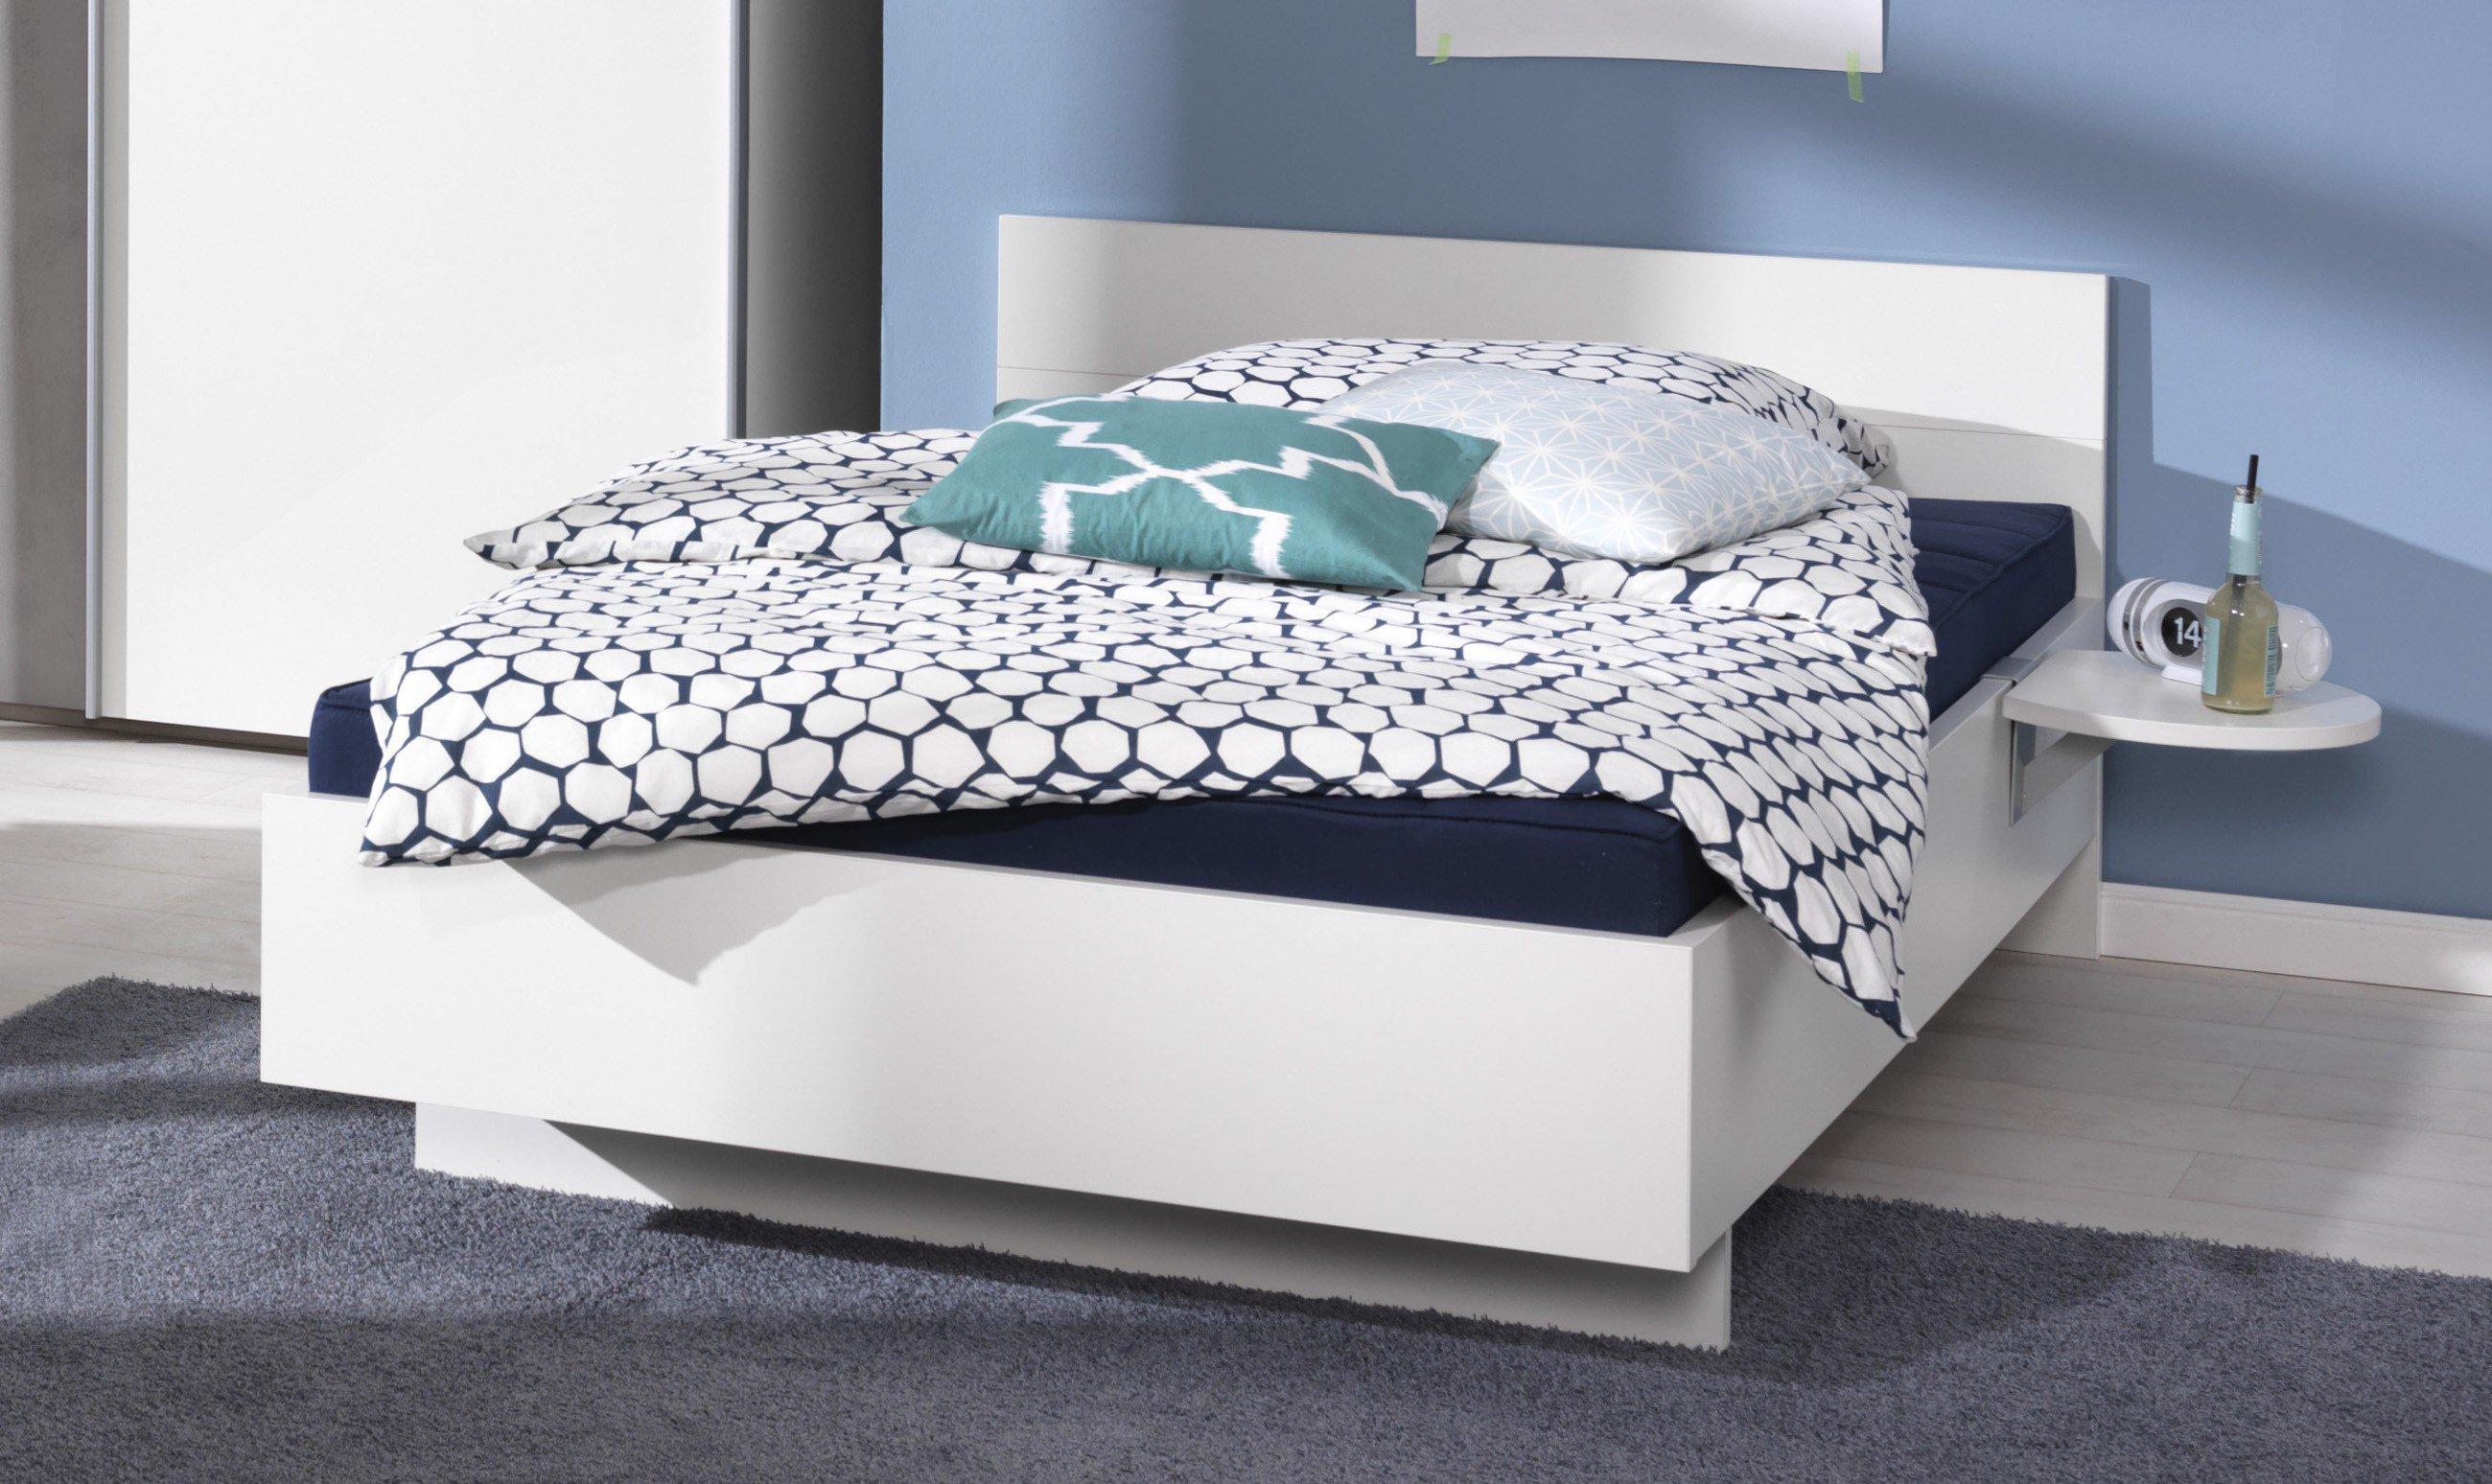 wellem bel concrete jugendm bel beton optik m bel letz ihr online shop. Black Bedroom Furniture Sets. Home Design Ideas